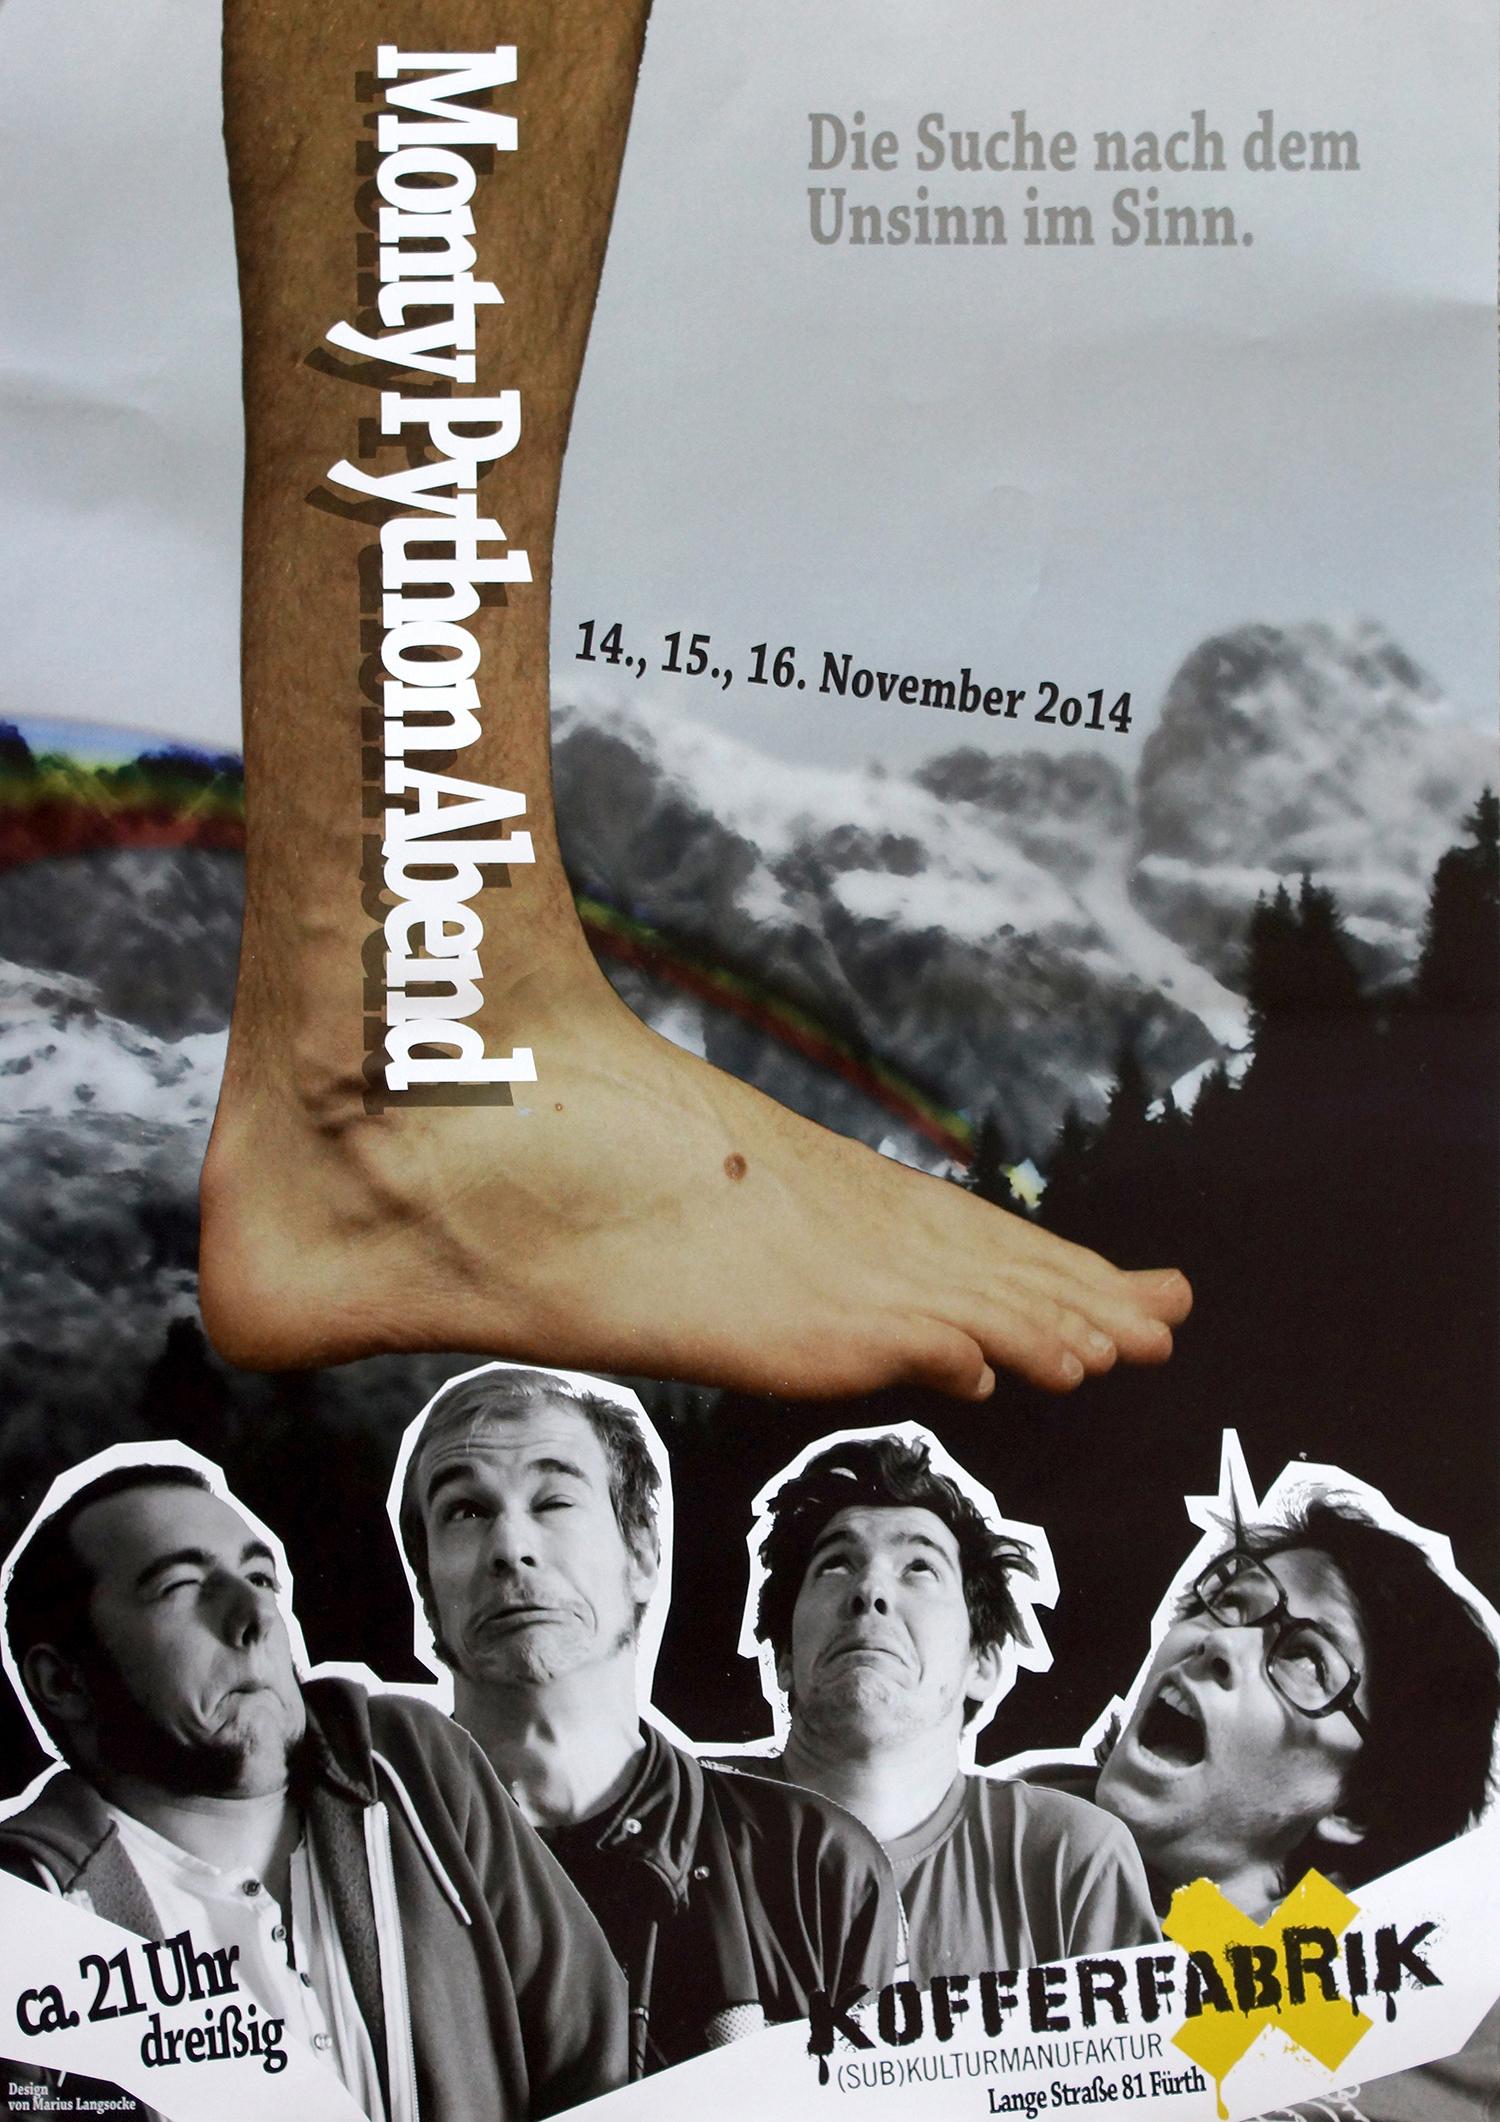 Die Suche nach dem Unsinn im Sinn: Plakat für den Monty Python Abend in der Kofferfabrik